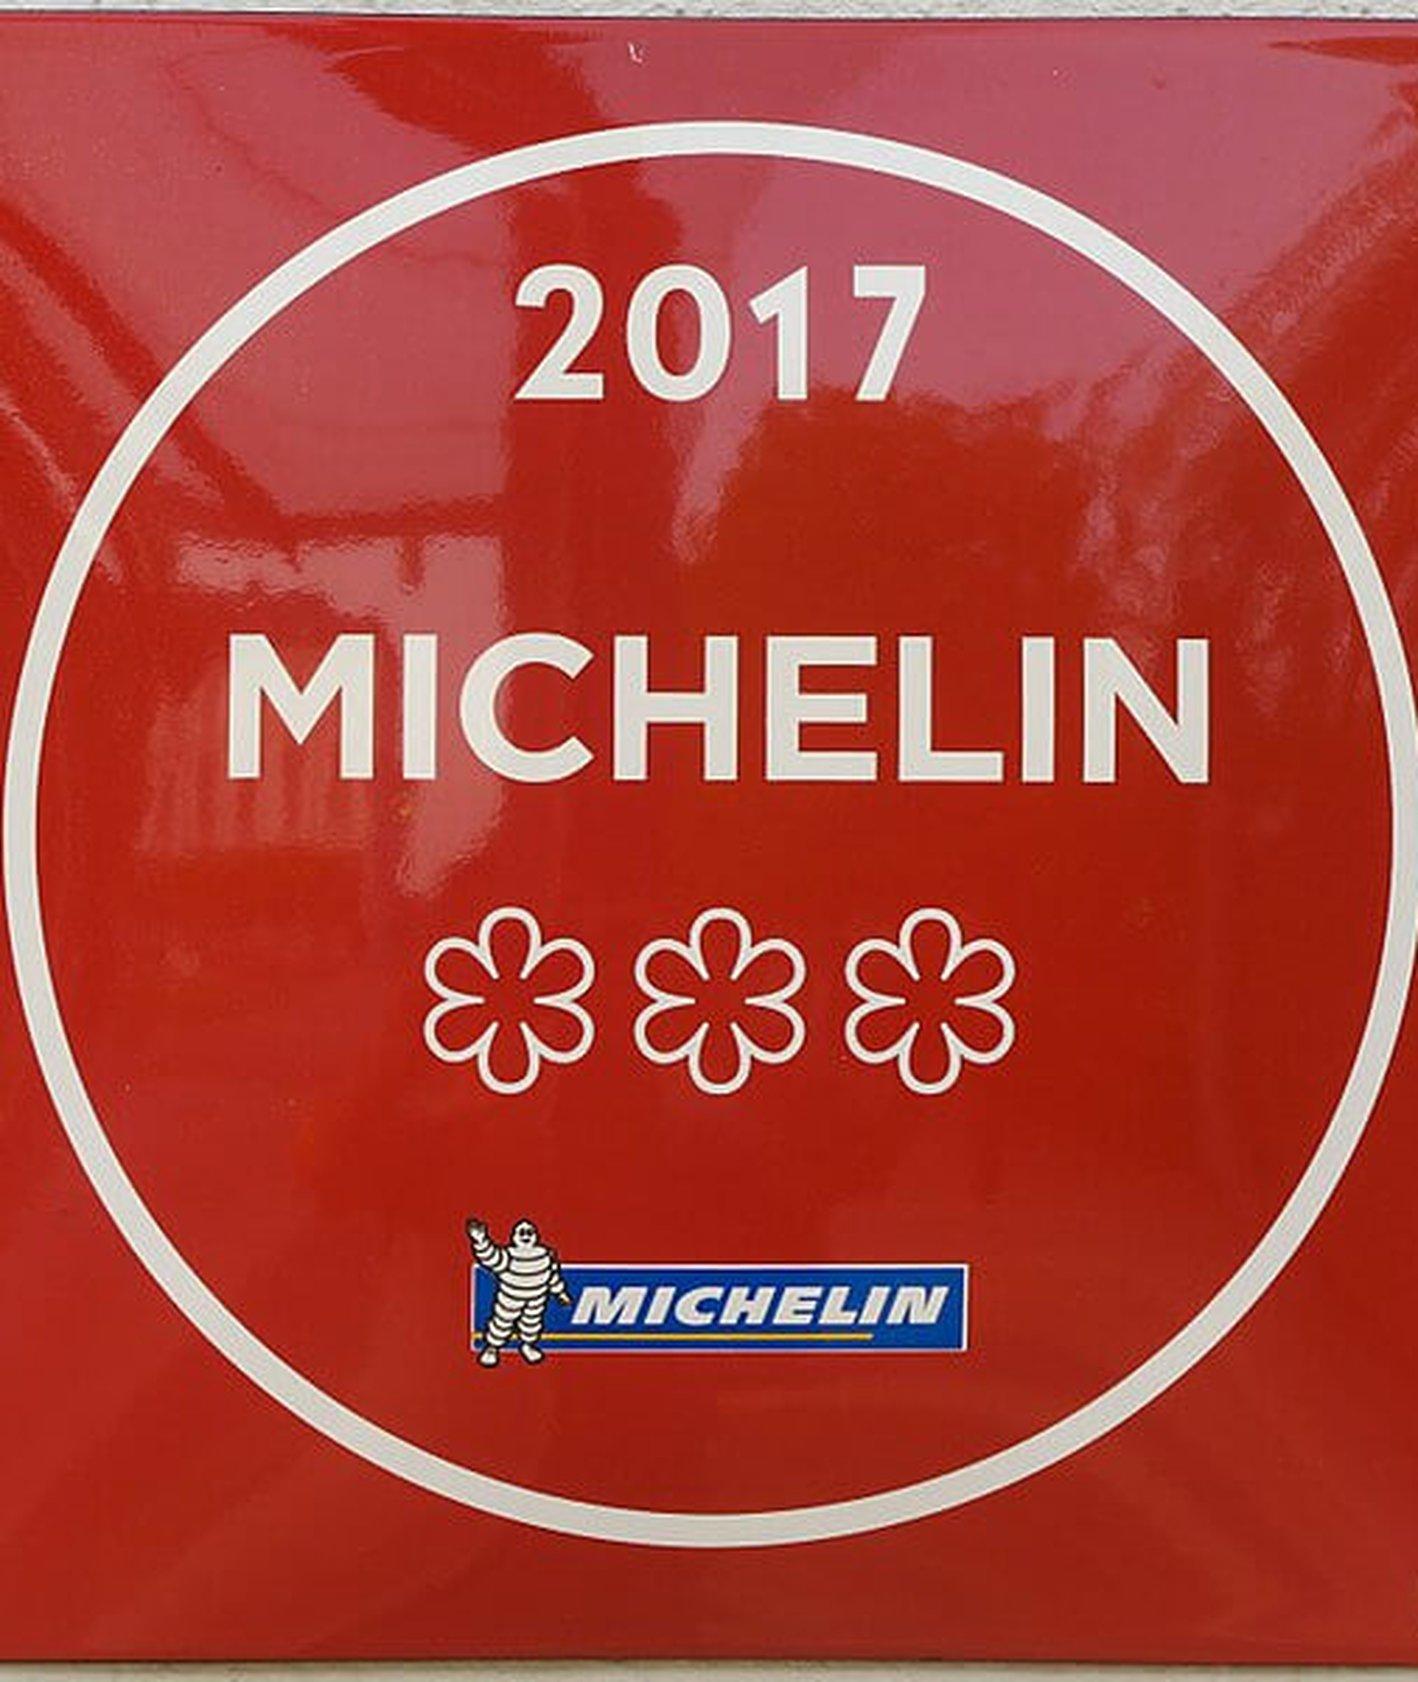 Tabliczka informująca o przyznaniu gwiazdek Michelin